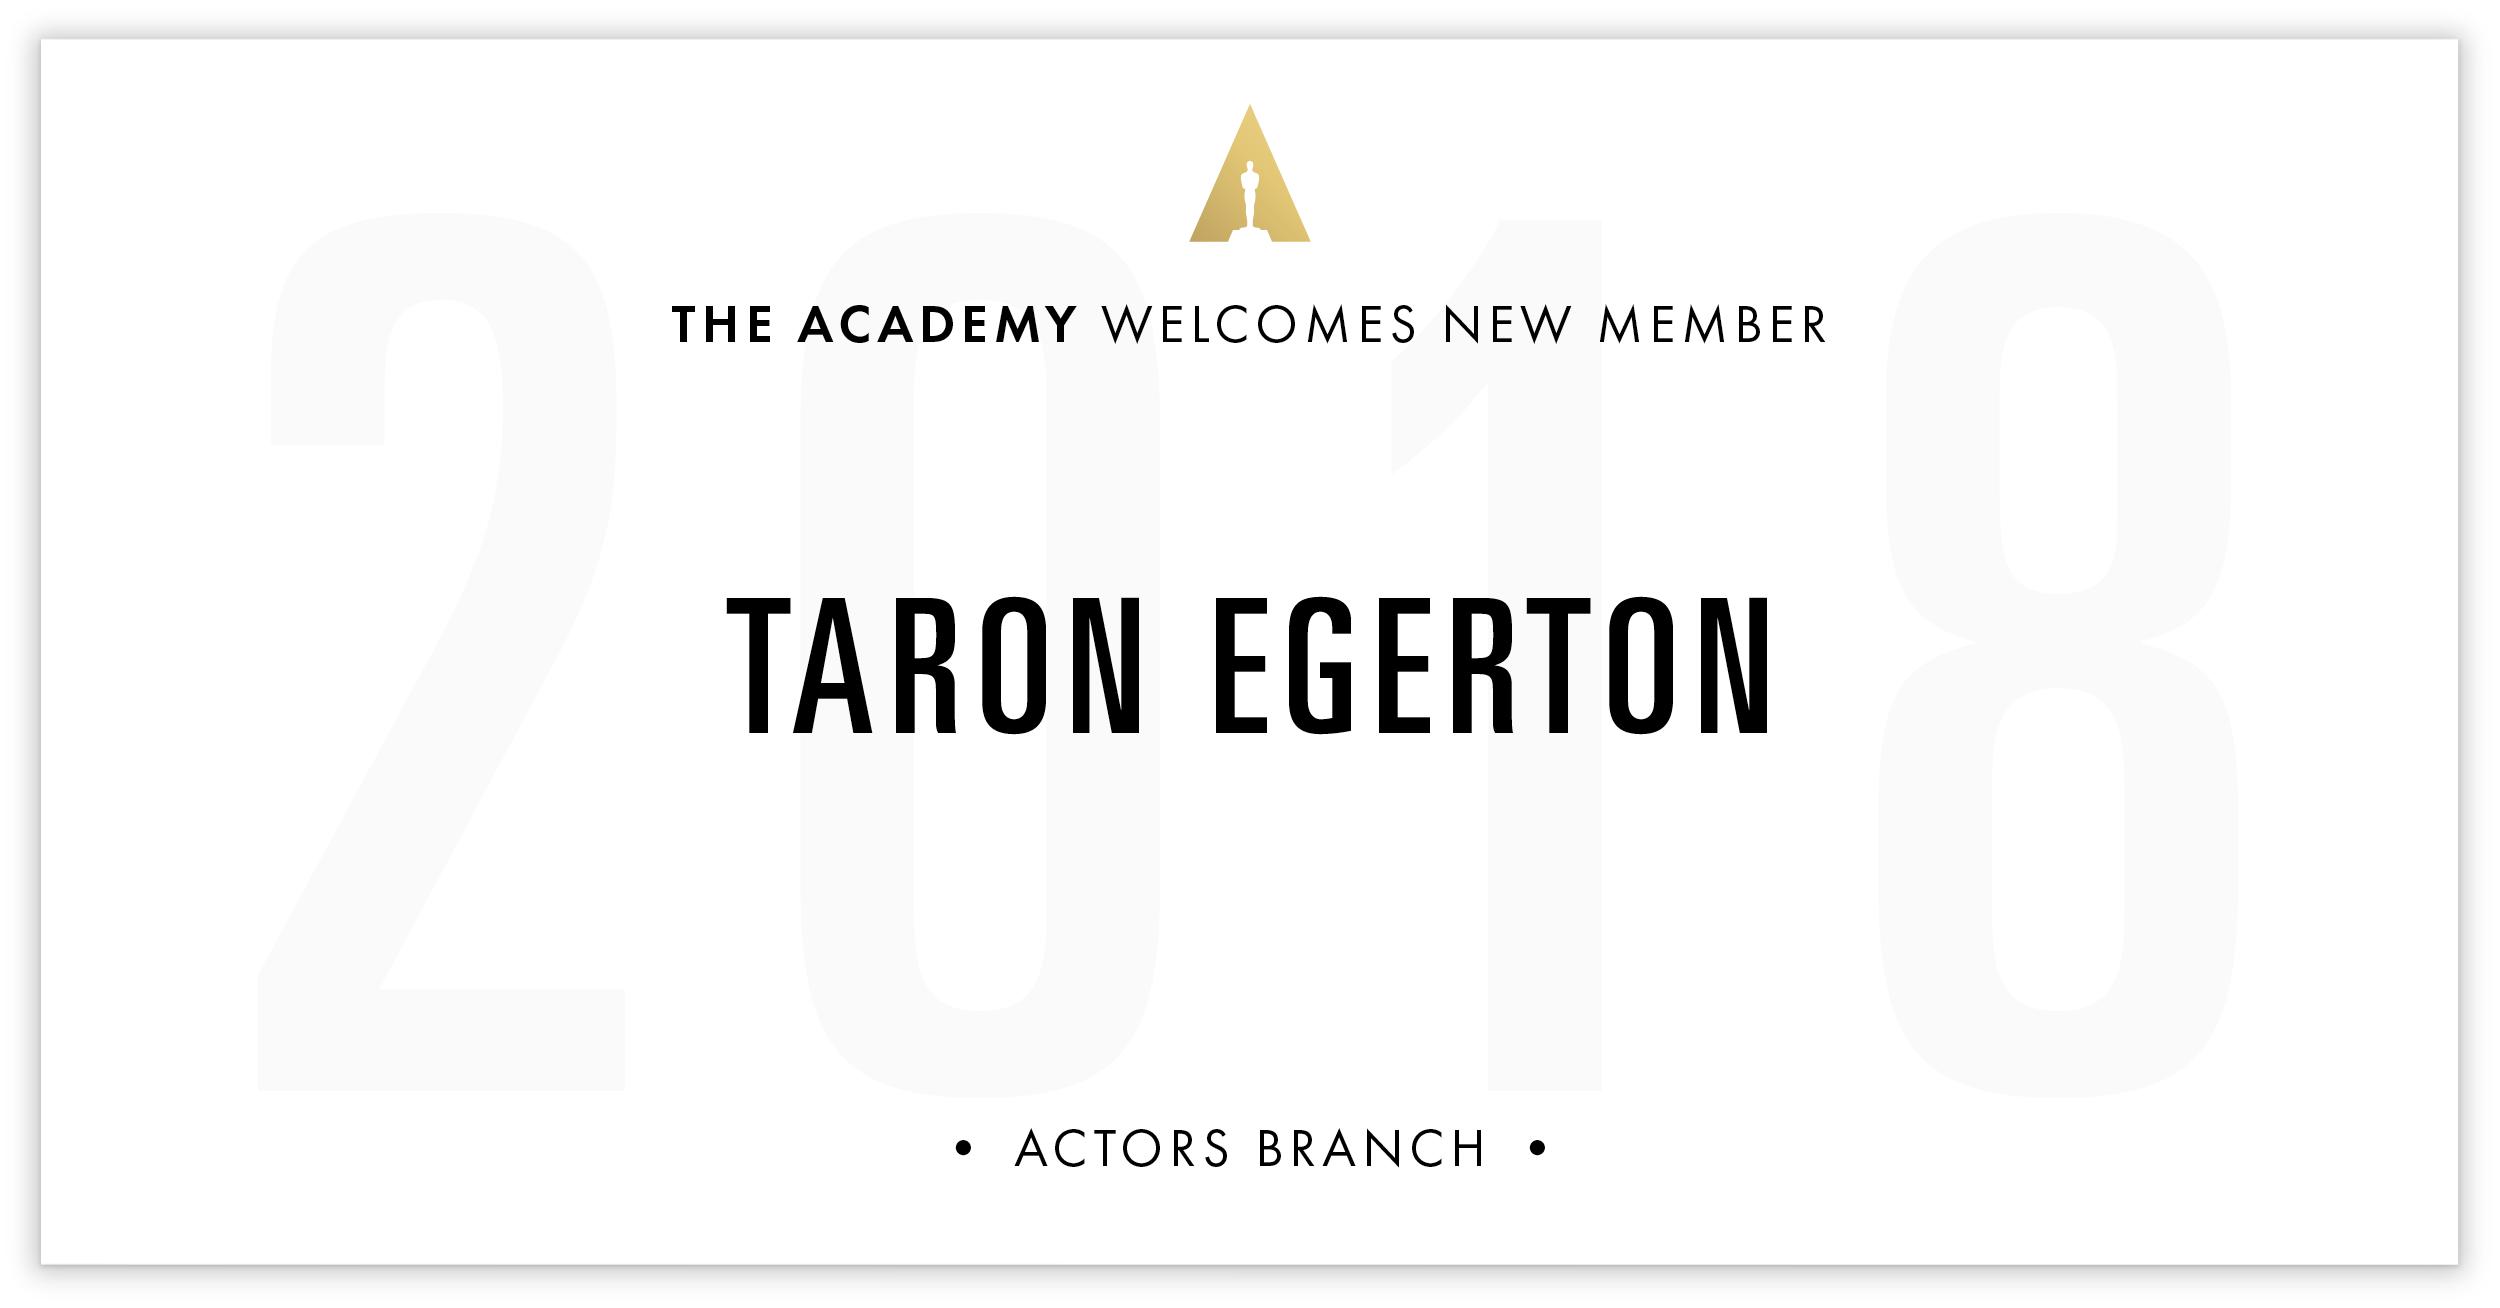 Taron Egerton is invited!